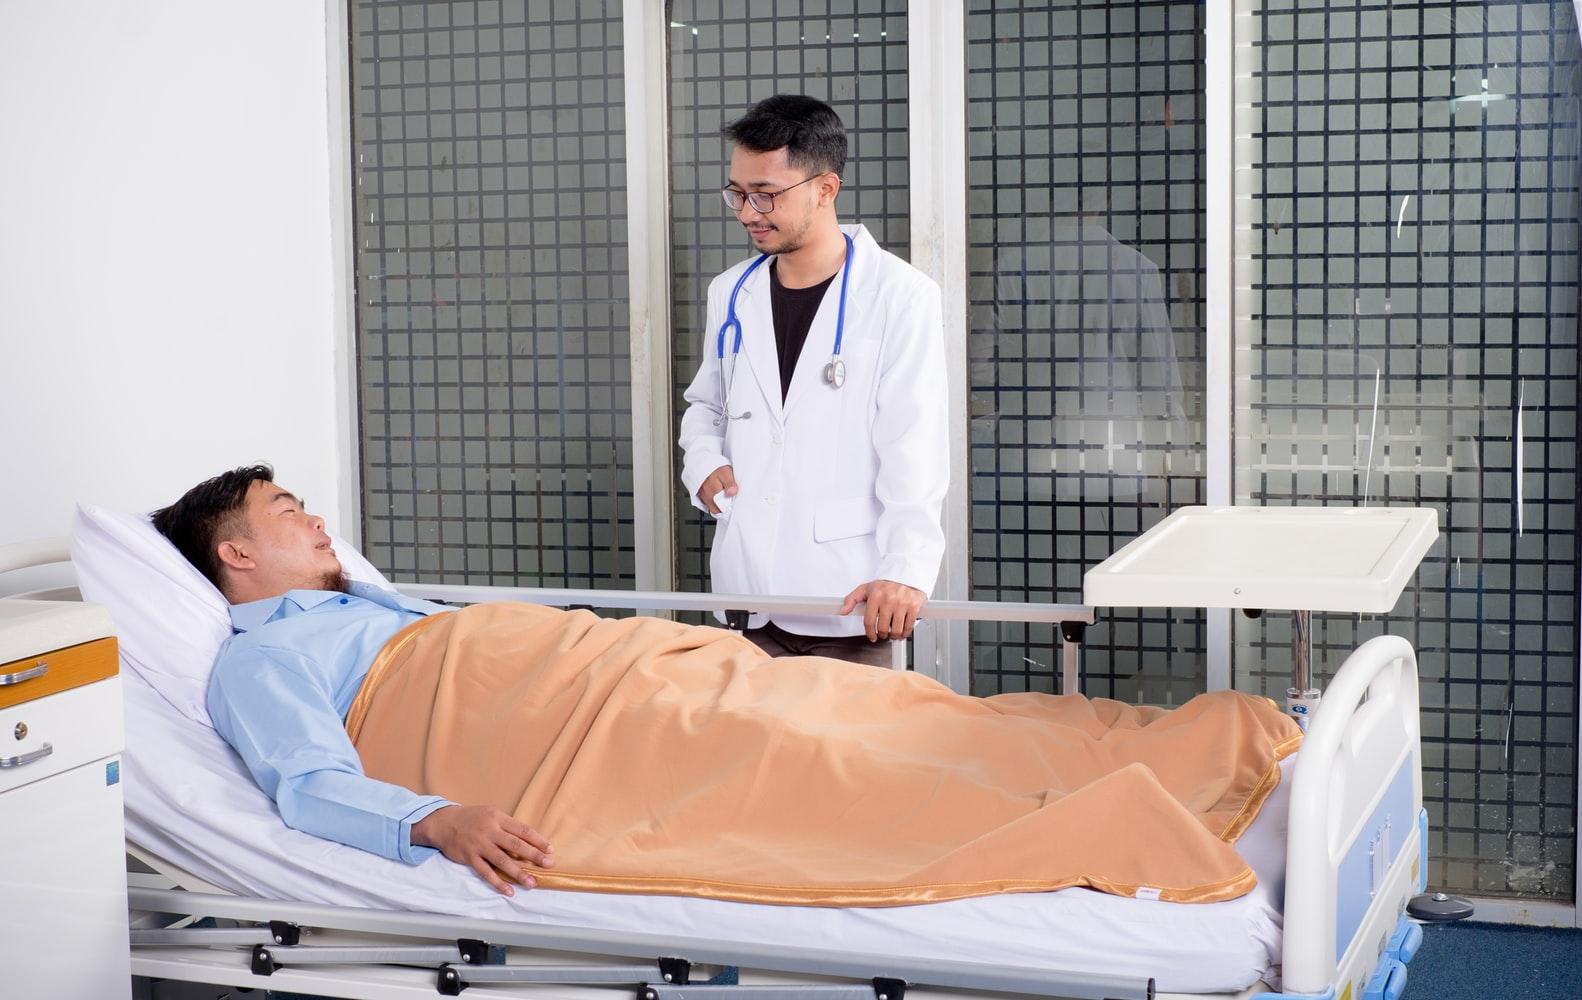 Ook stagiairs in ziekenhuizen kunnen nu misbruik melden, 290 meldingen binnengekomen